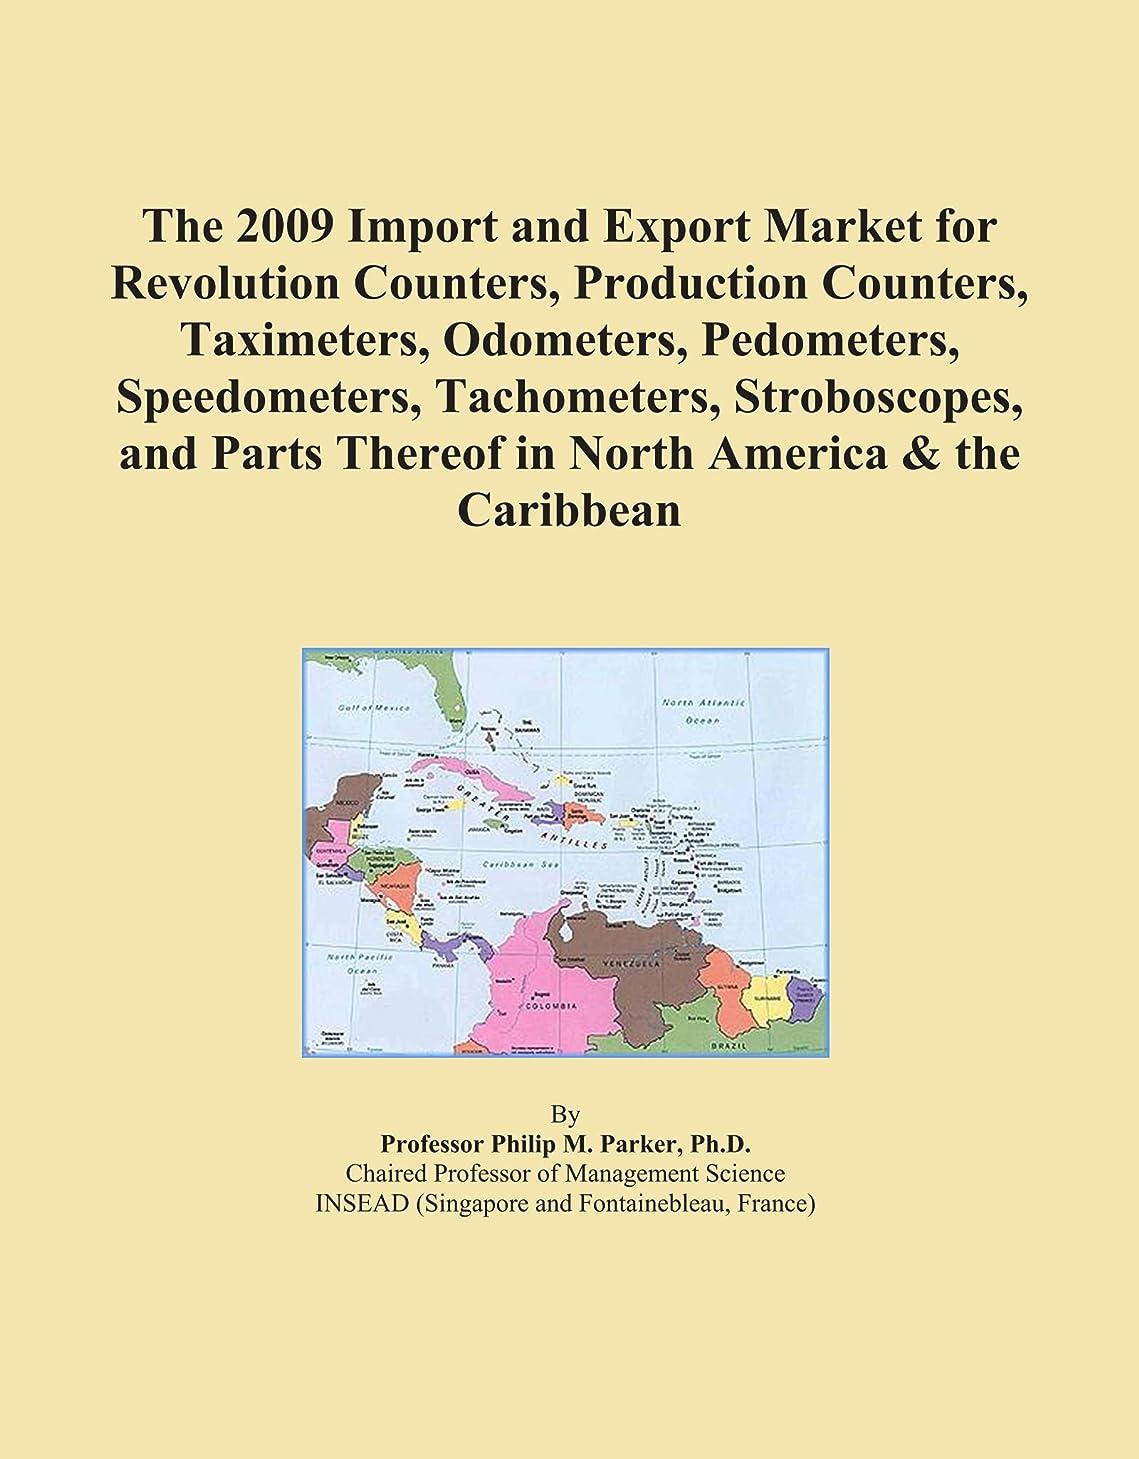 悲観的ペデスタル楽しむThe 2009 Import and Export Market for Revolution Counters, Production Counters, Taximeters, Odometers, Pedometers, Speedometers, Tachometers, Stroboscopes, and Parts Thereof in North America & the Caribbean